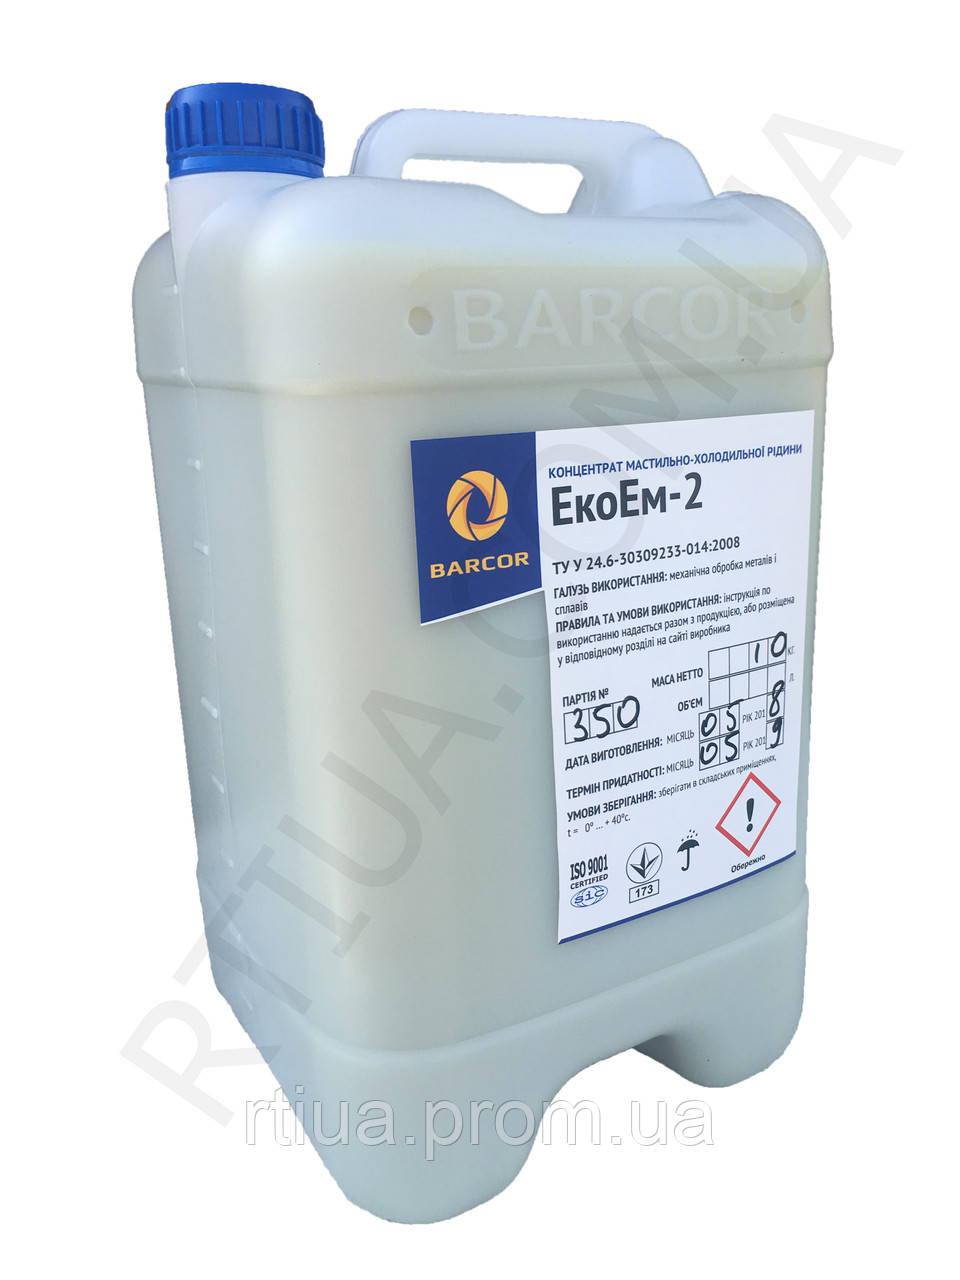 ЭкоЭМ-2 бюджетная универмальная полусинтетическая сож 10л